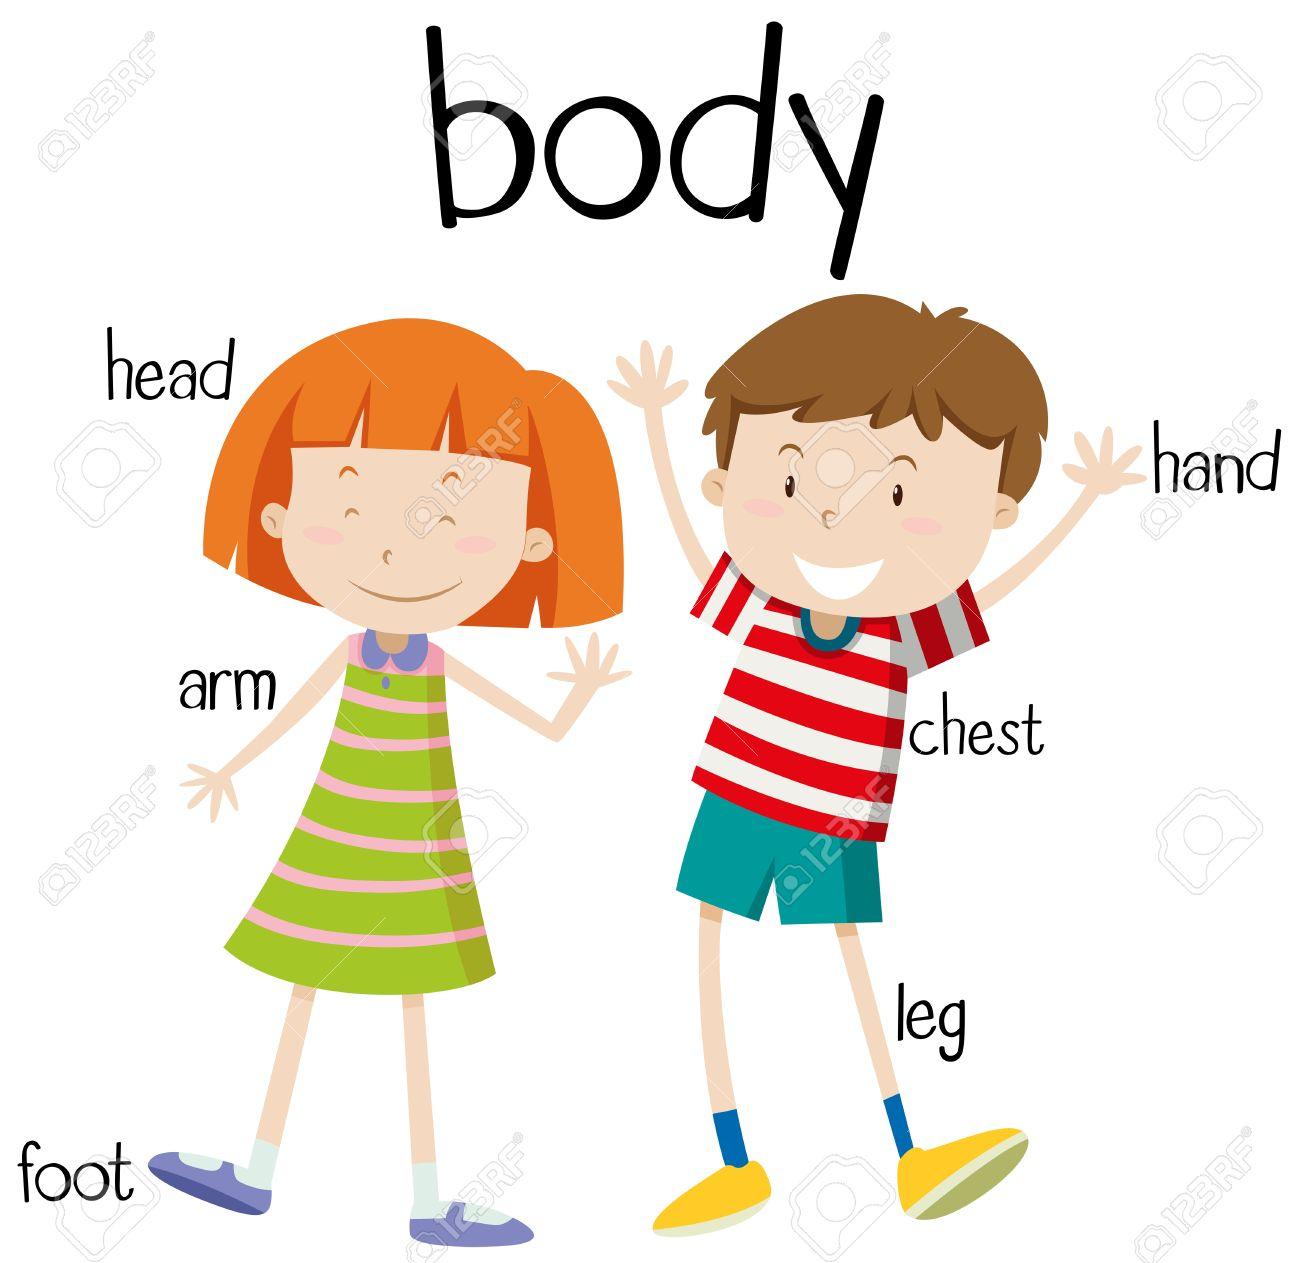 Partes Del Cuerpo Humano Diagrama De La Ilustración Ilustraciones ...